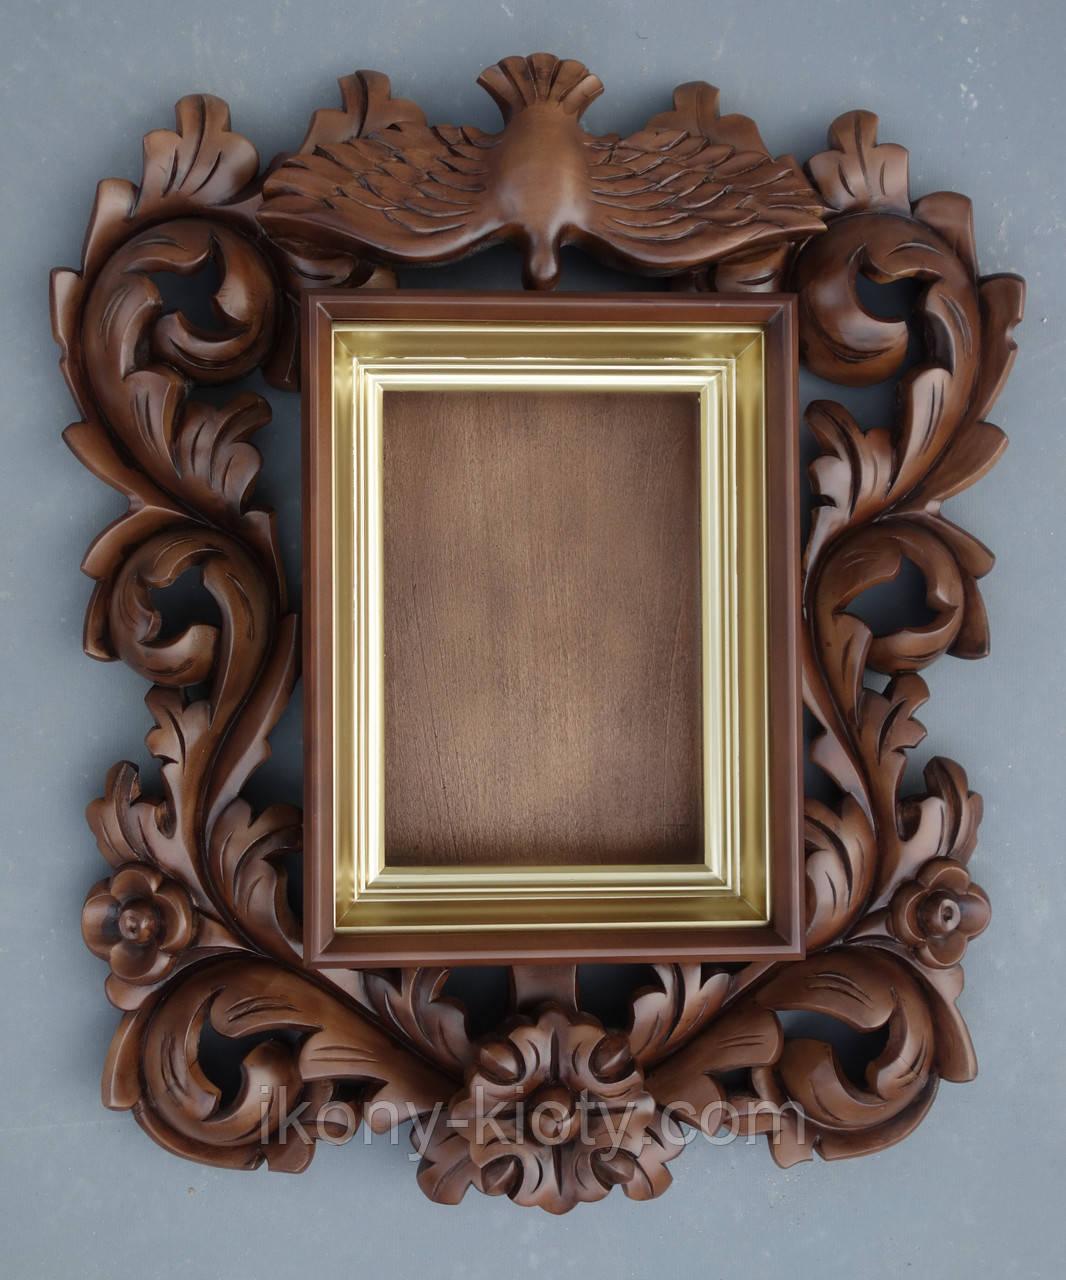 Киот для иконы резной в стиле украинского барокко с внутренней золочёной рамой.